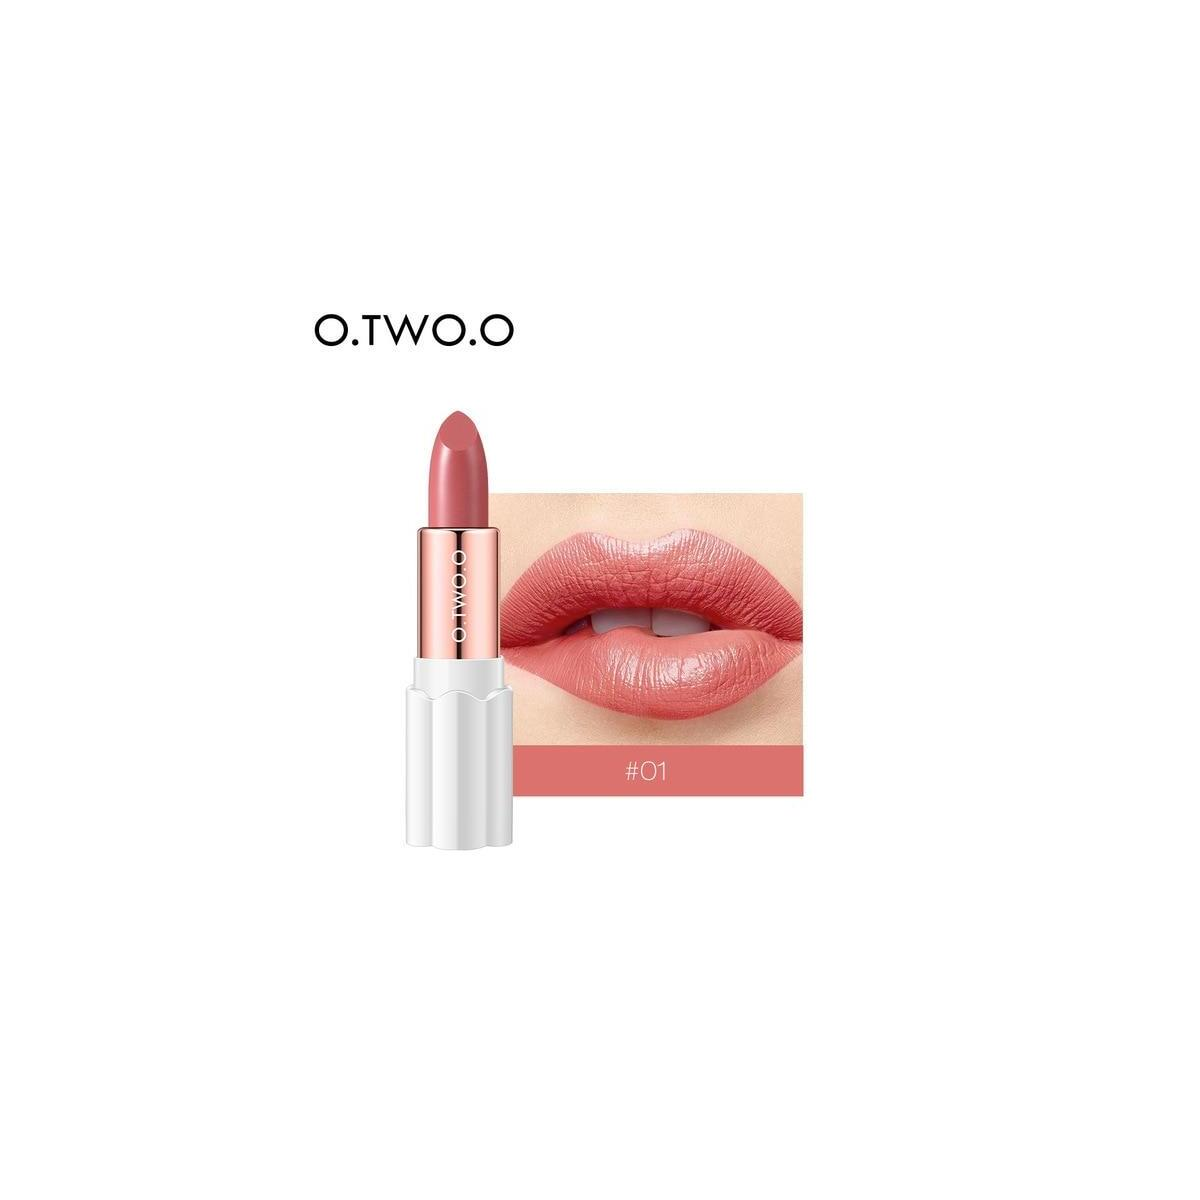 O.TWO.O Semi Velvet Lipstick, 01